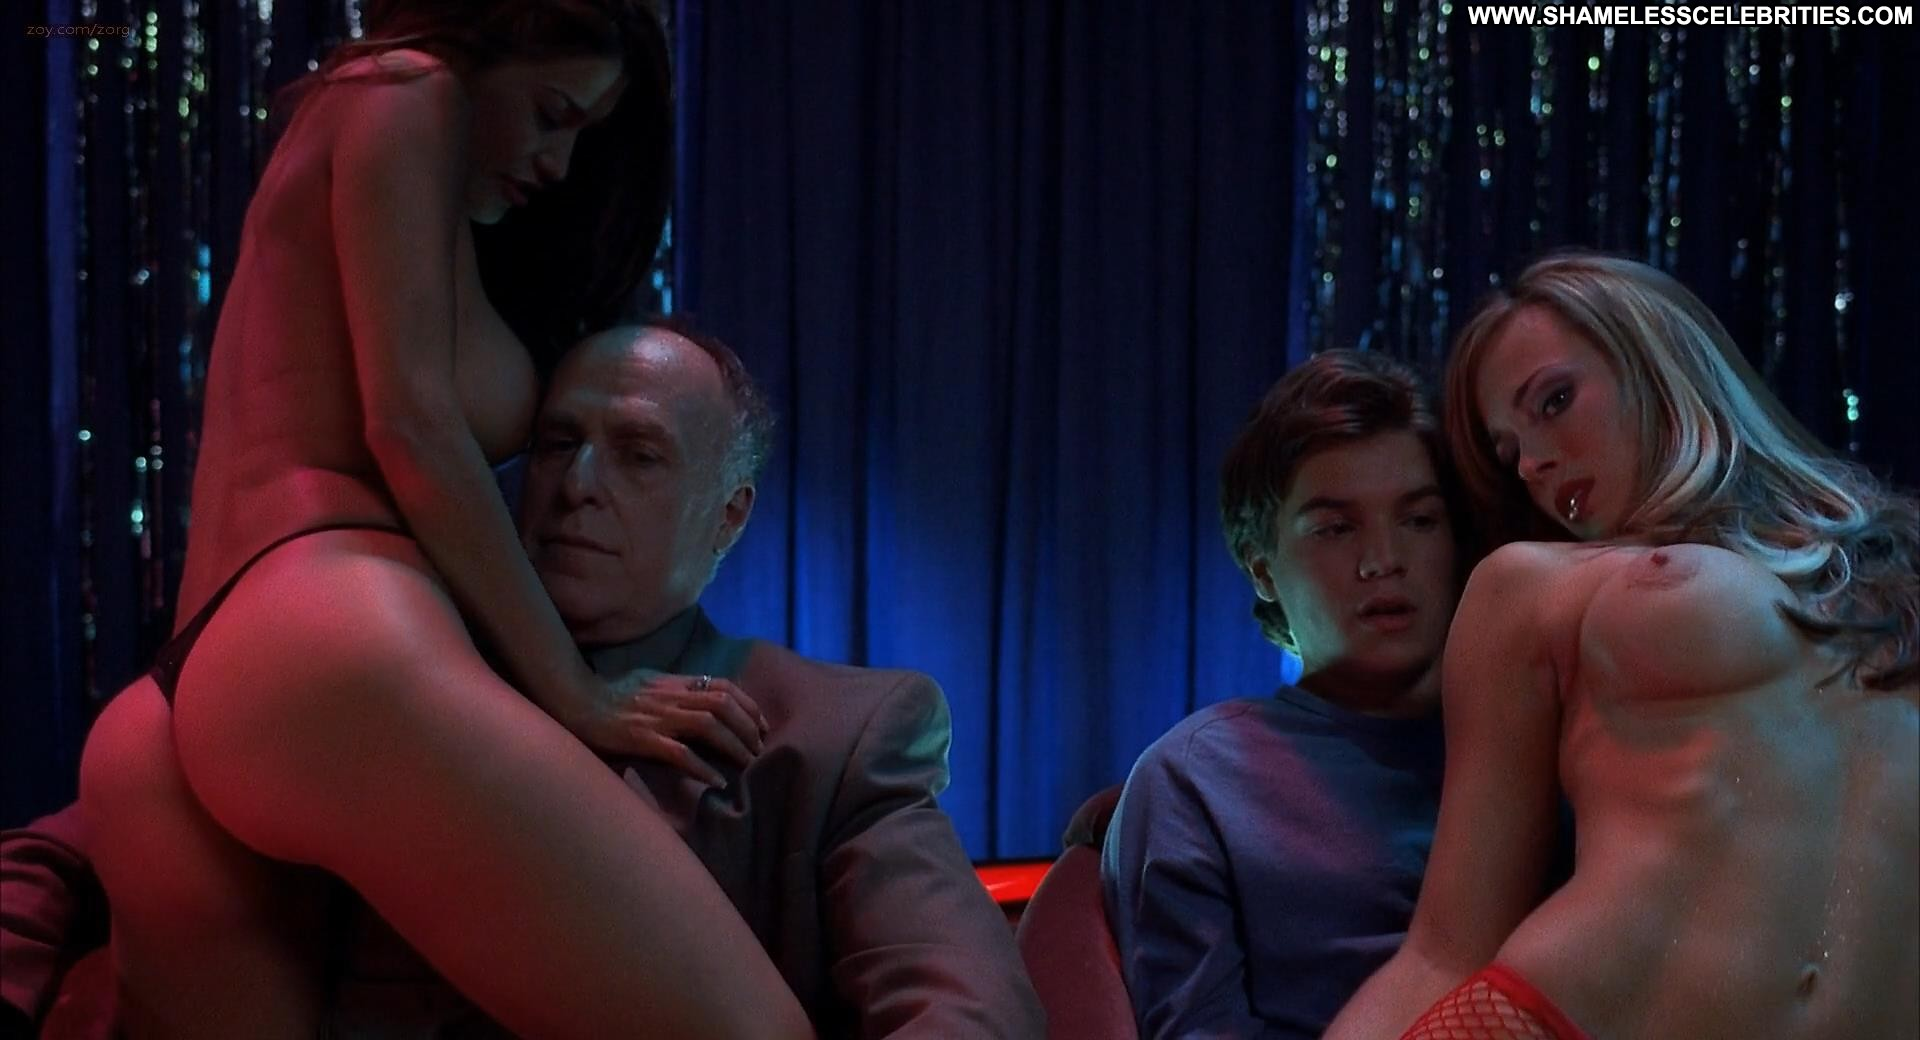 Seth rogen nude scene clip naked male celebrities